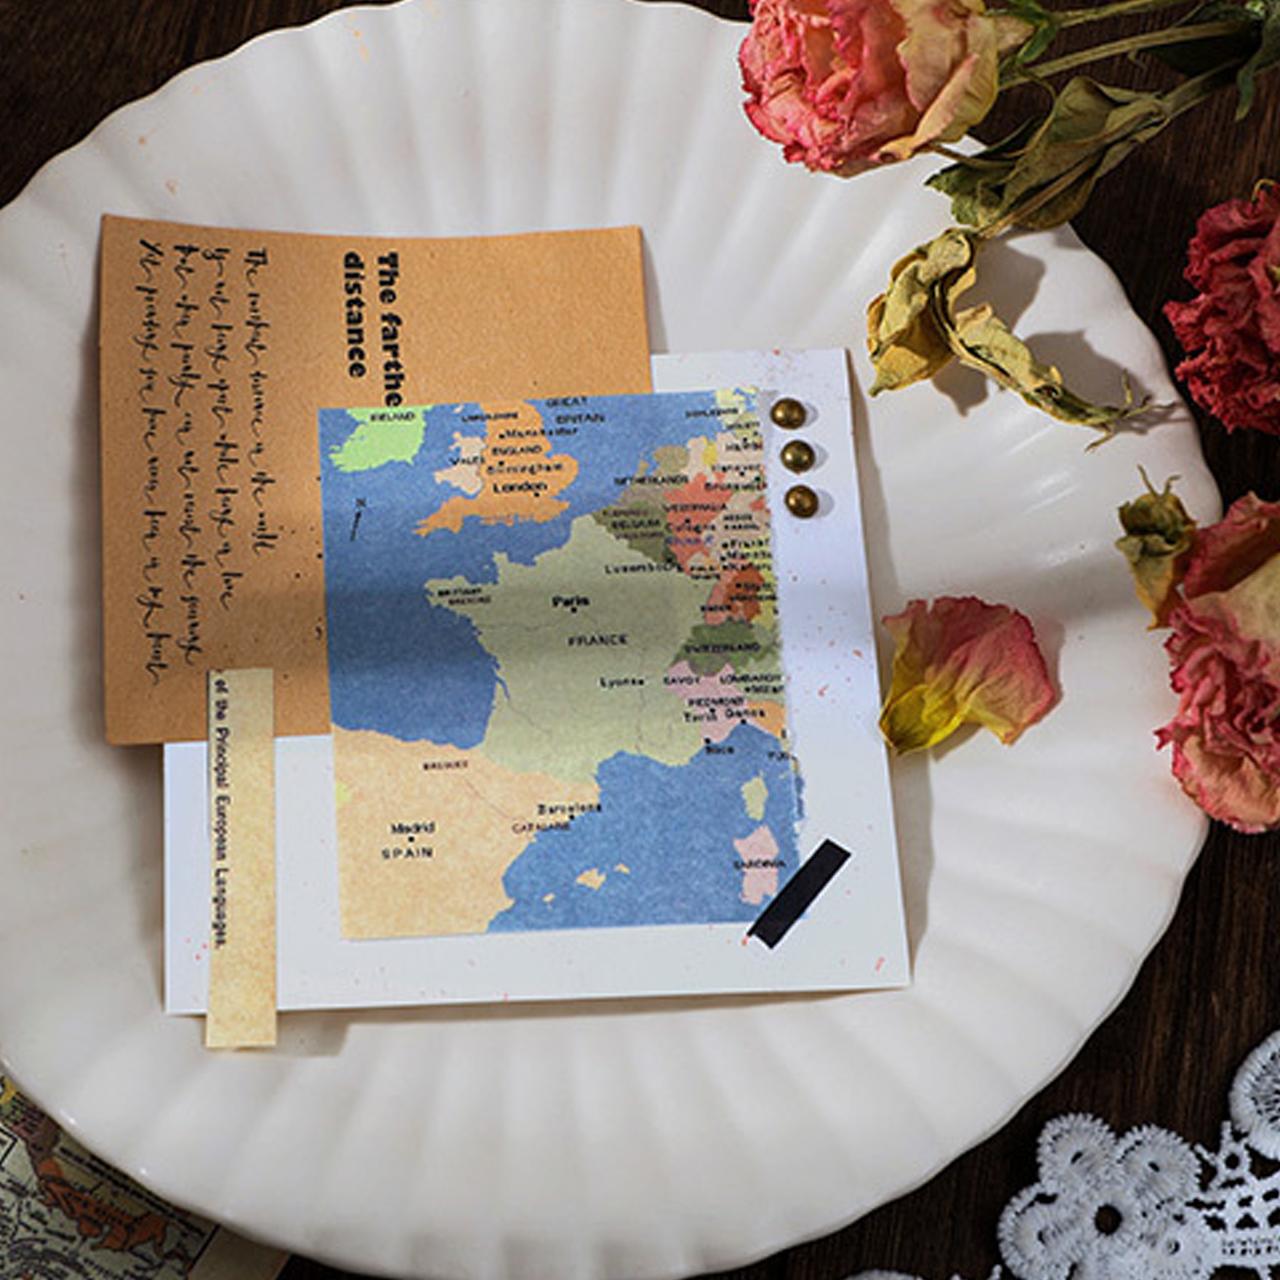 レトロ 素材紙 全6種 自然 地図 手紙 宇宙 海外 コラージュ素材 紙もの G12